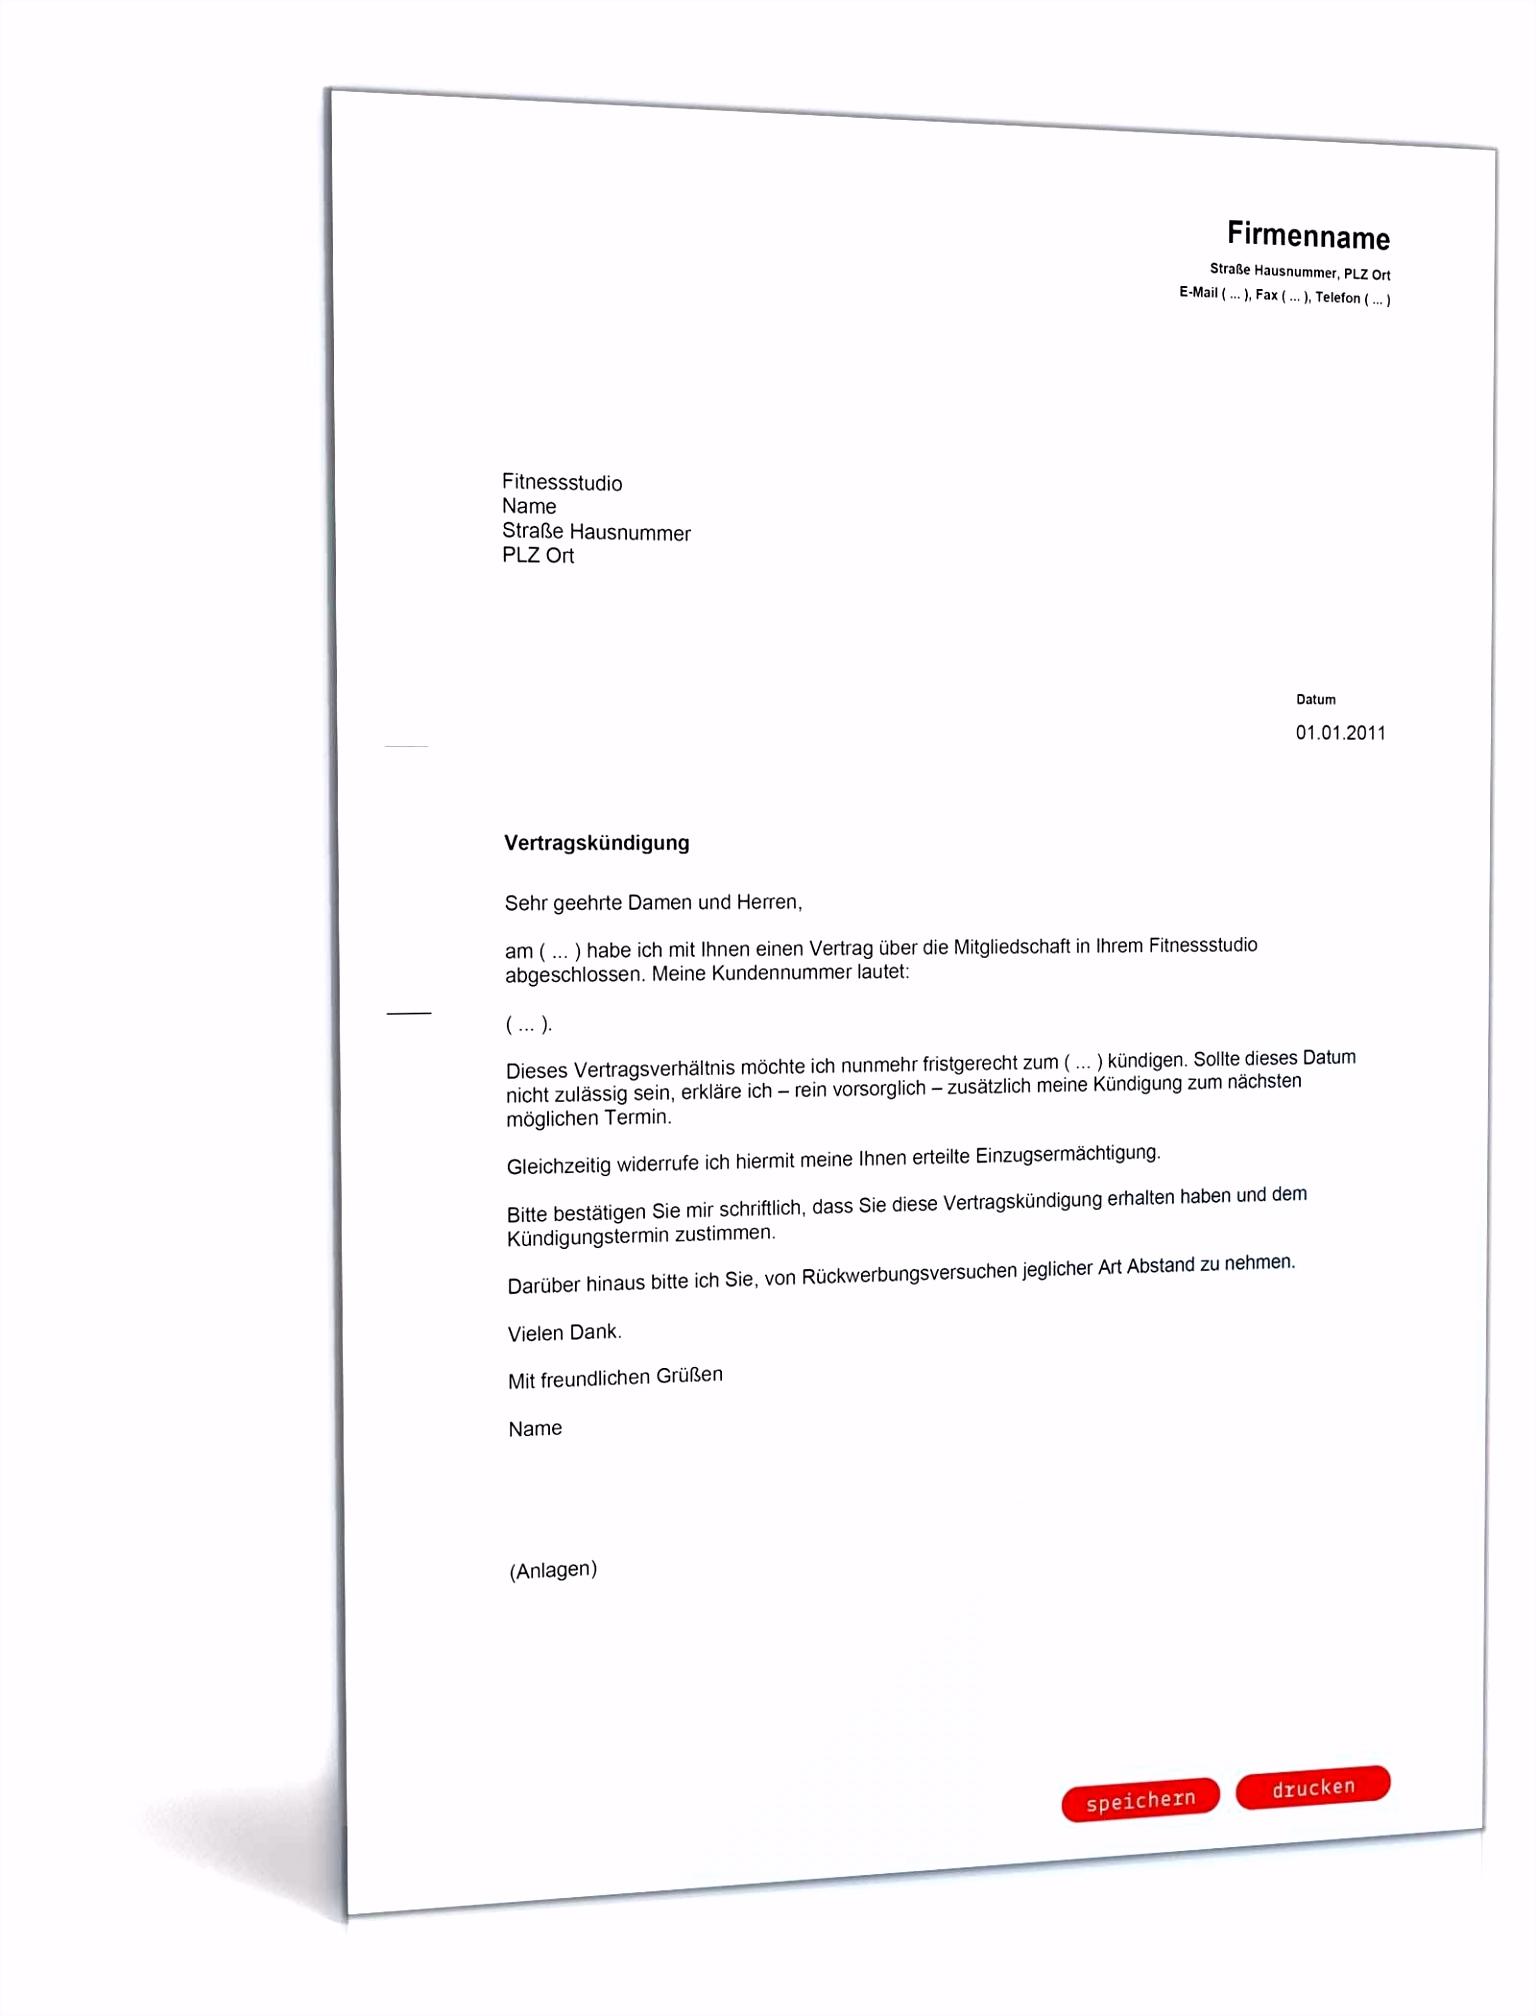 Vorlage Kundigung Dsl 1amp1 Anlage Zum Vertrag Vorlage Y6bf81hsb1 Rsikm5bxih